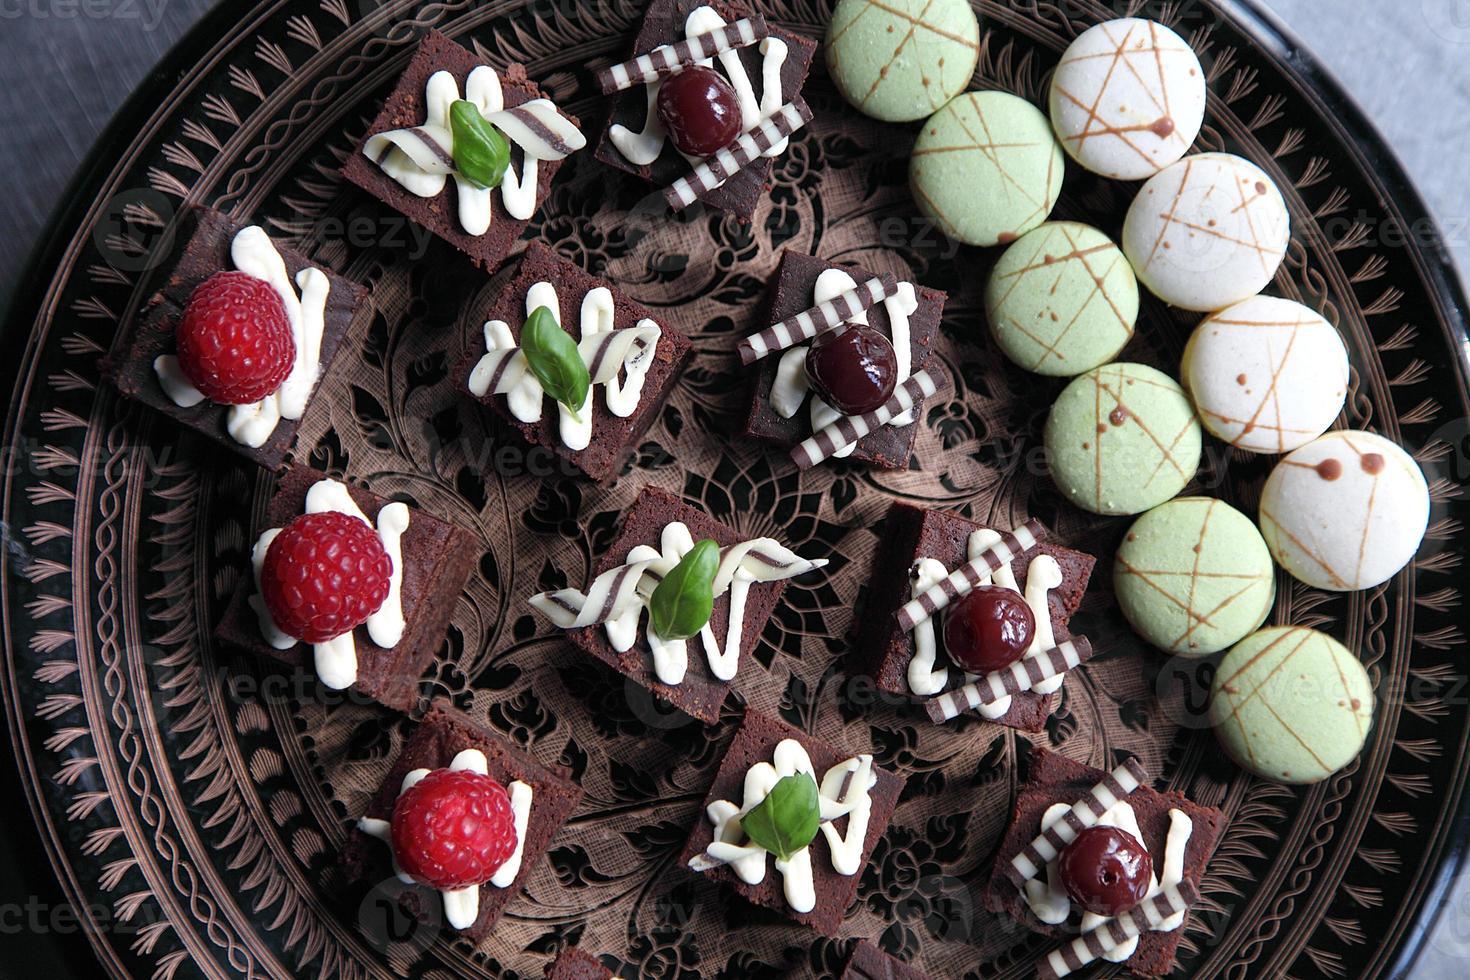 assiette de brownies au chocolat photo